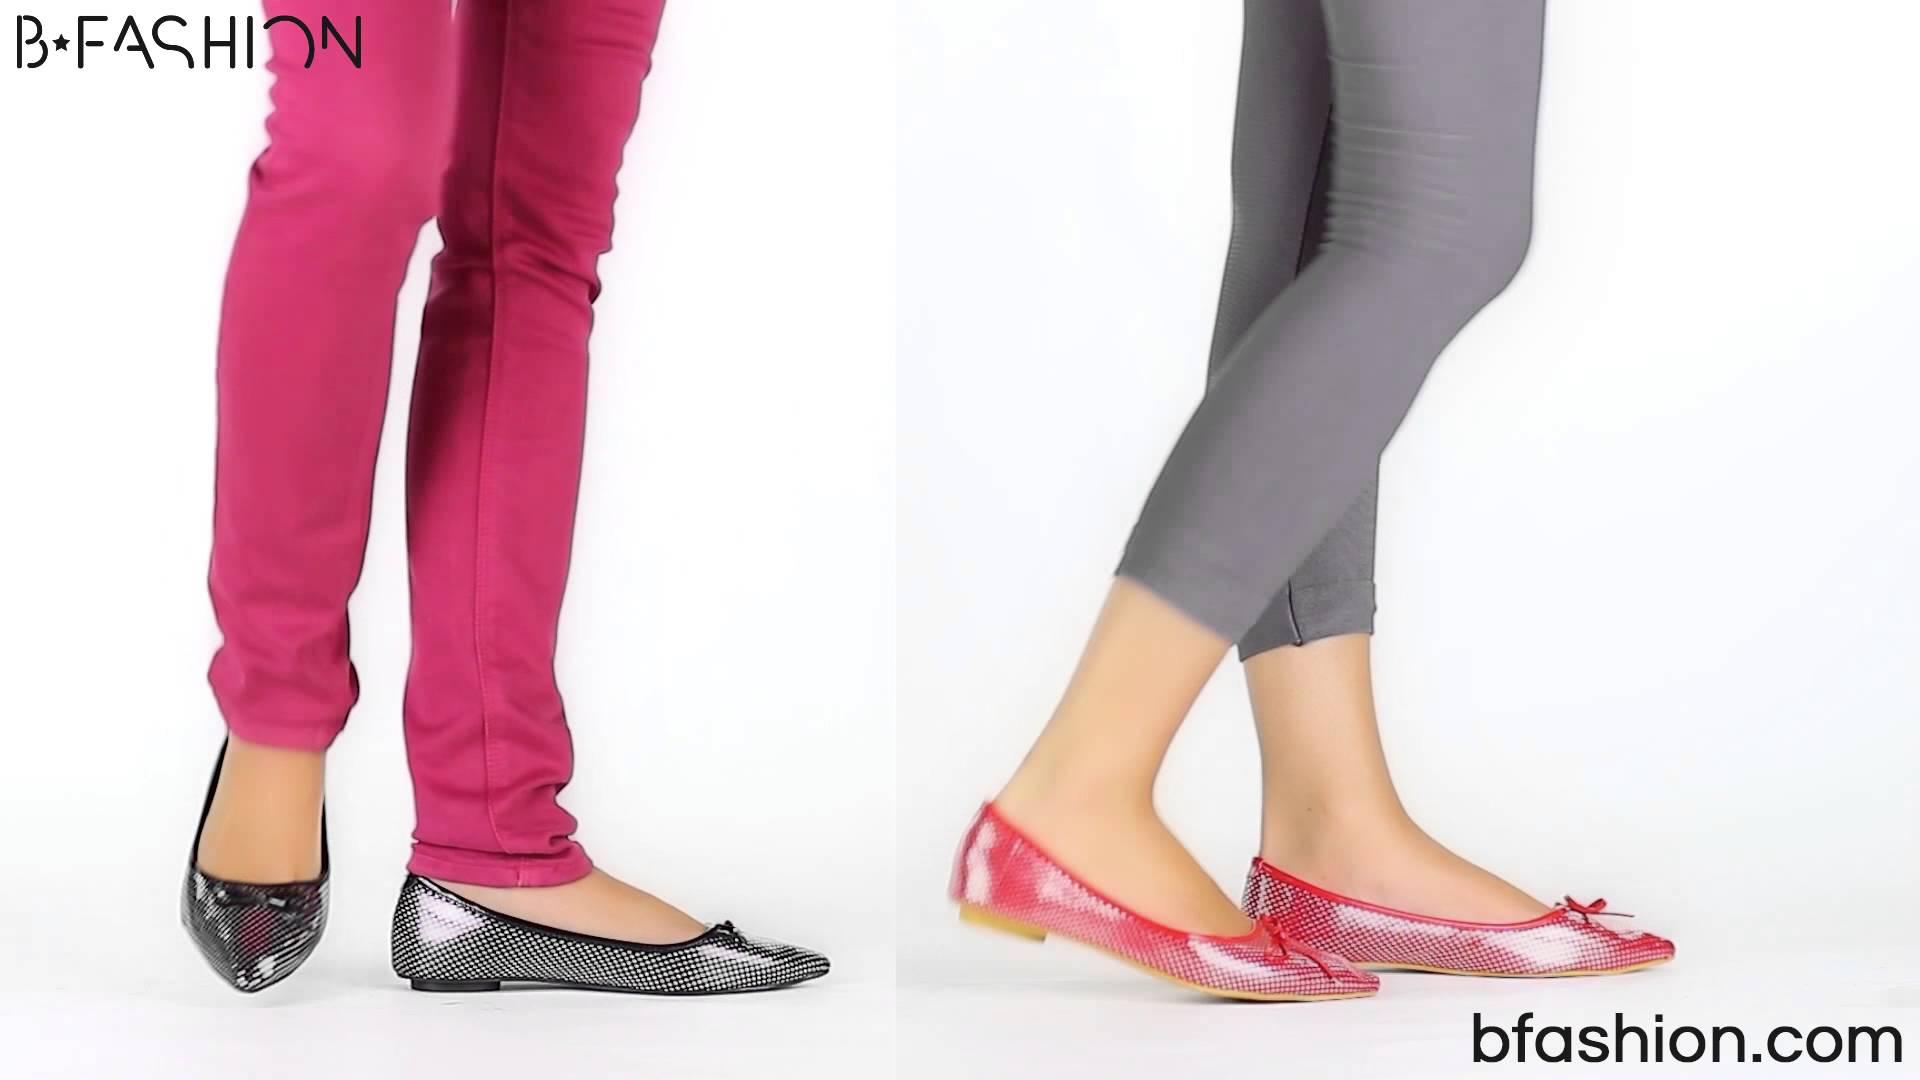 38d25486faf Удобни дамски обувки с равна подметка от Кокетна Vbox7